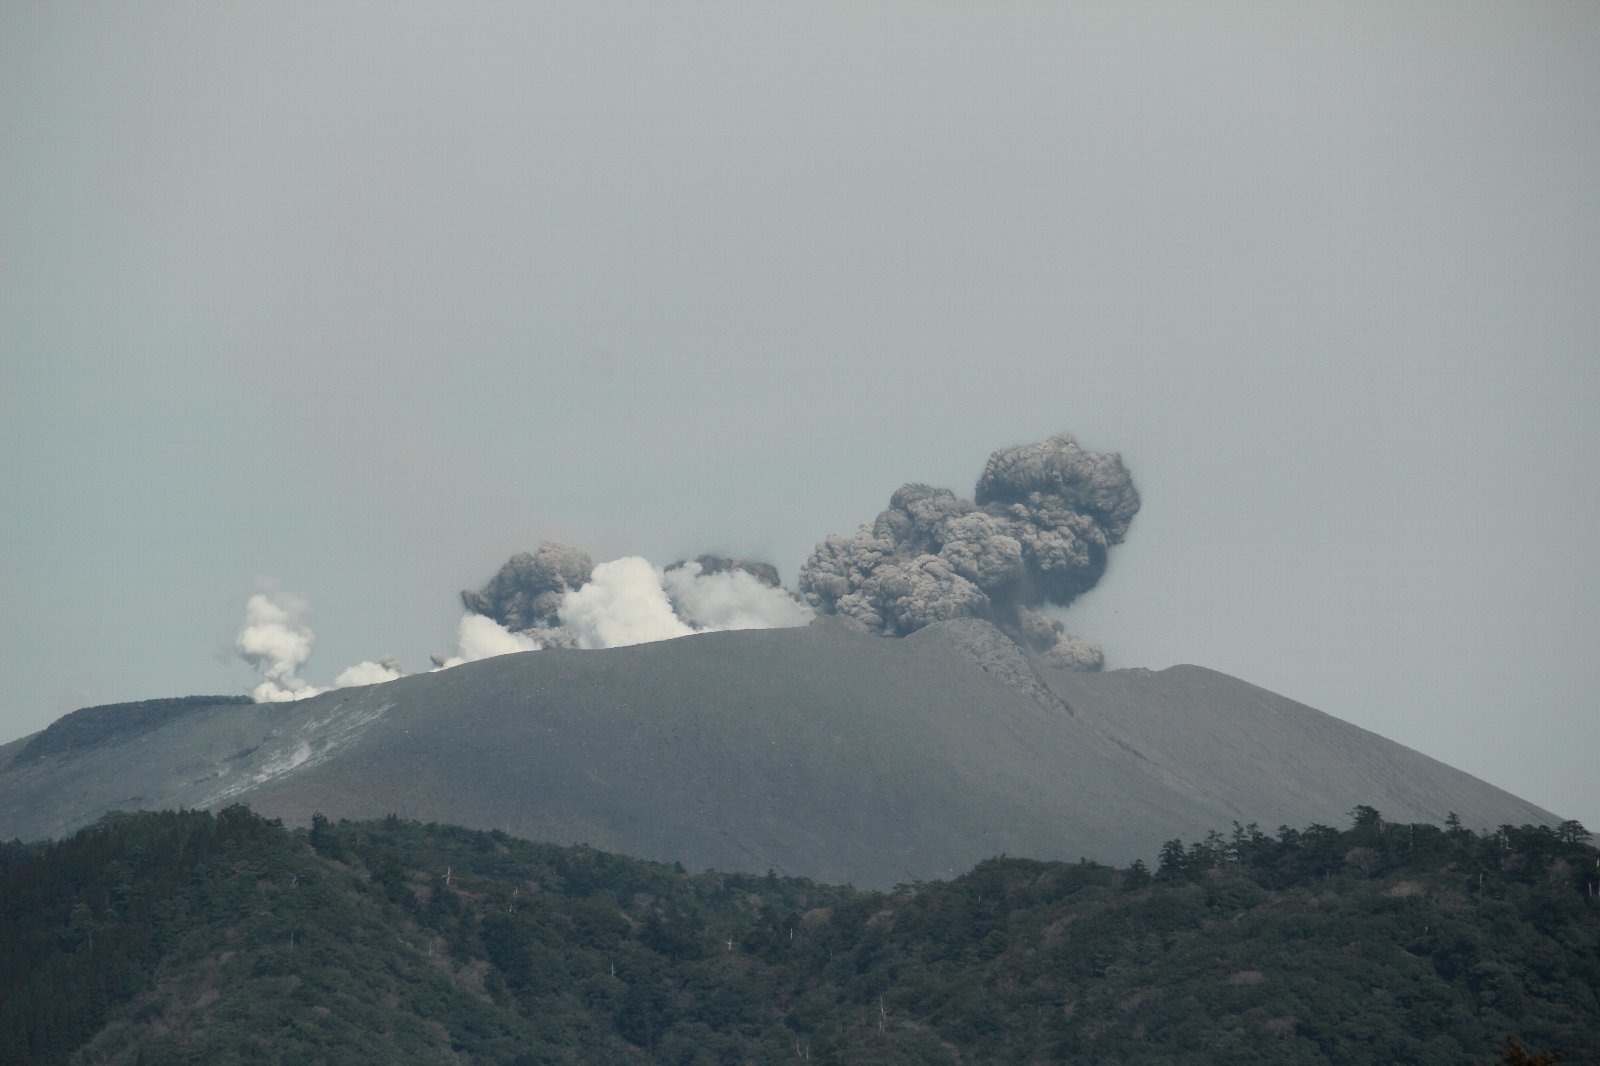 3月12日の太陽 新燃岳の噴火!_e0174091_15230378.jpg